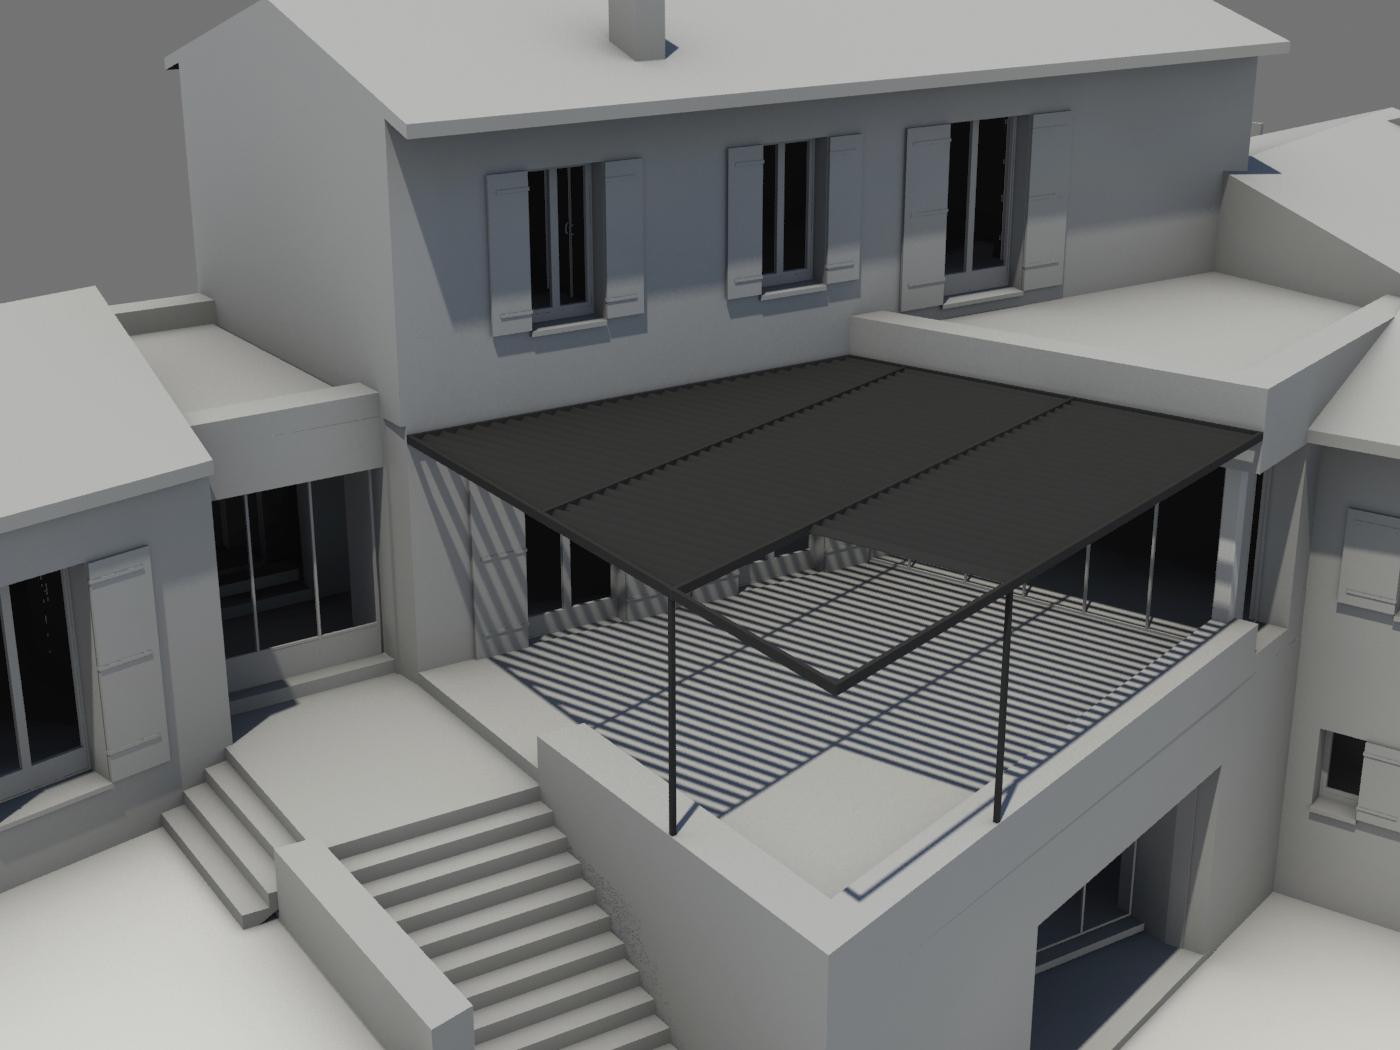 Designer d 39 espace graphiste 3d architectural treille gordes vaucluse at home architecture At home architecture gordes 84